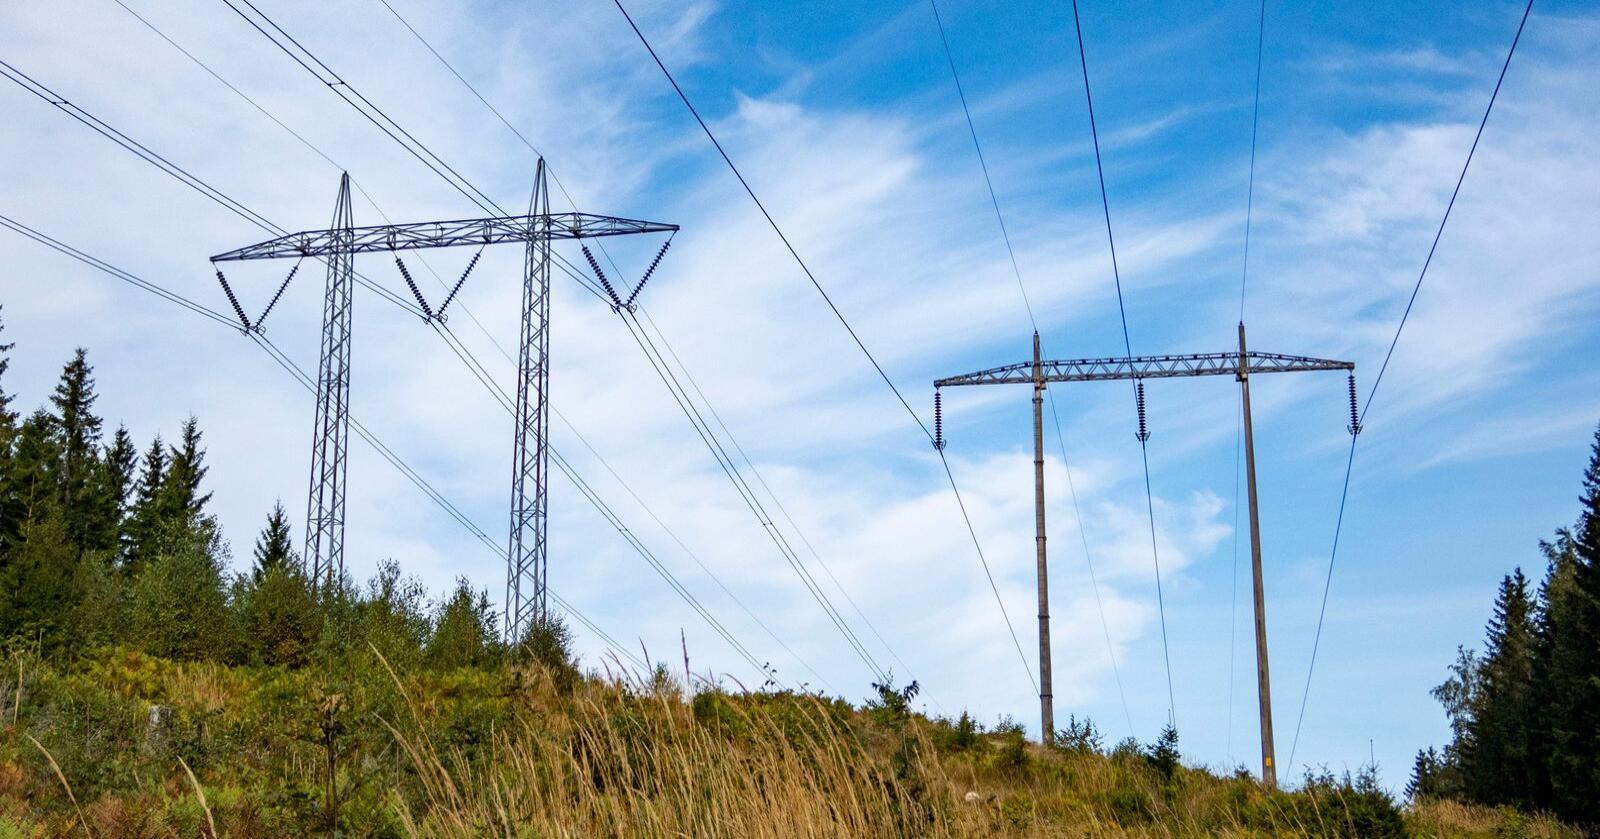 Strømprisene er hyppig omtalt på Fattighuset. Bildet viser en høyspentledning i Nittedal. Foto: Paul Kleiven / NTB